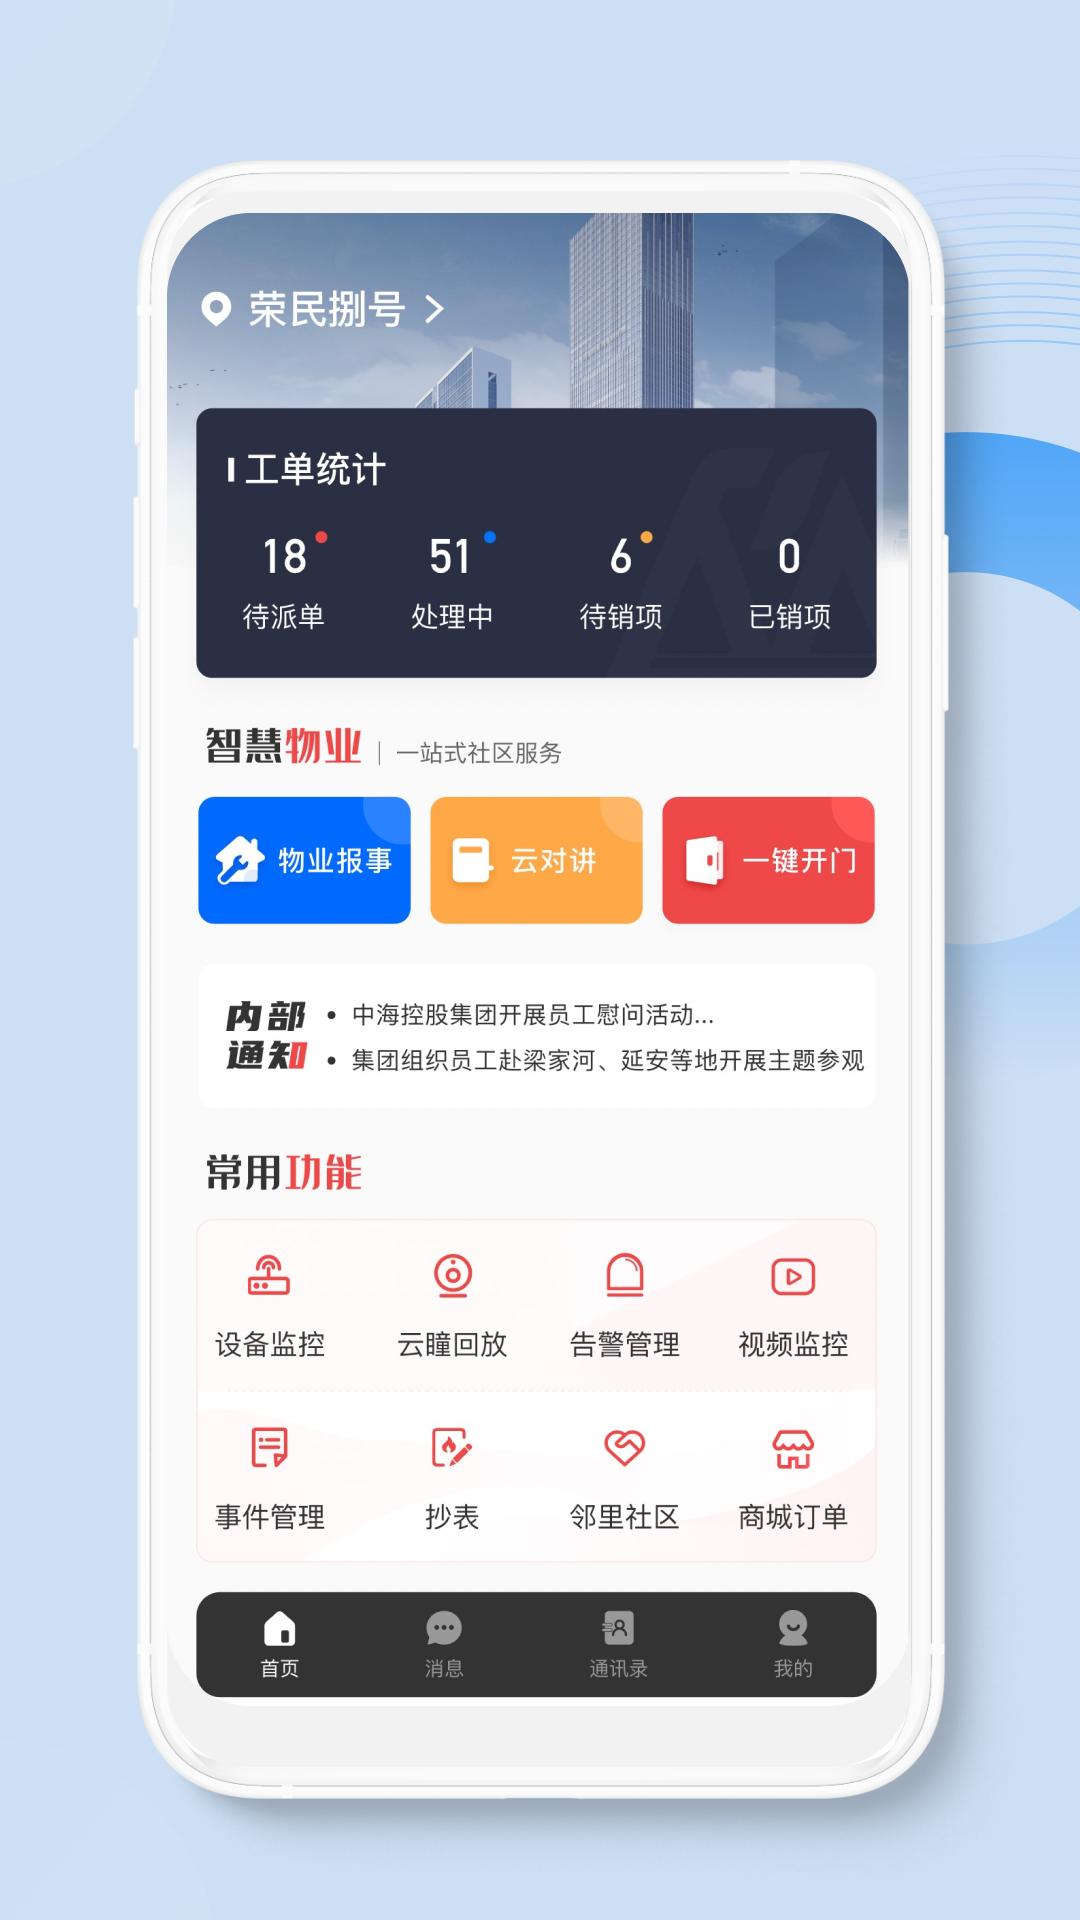 荣民物业 V1.0.0 安卓版截图2